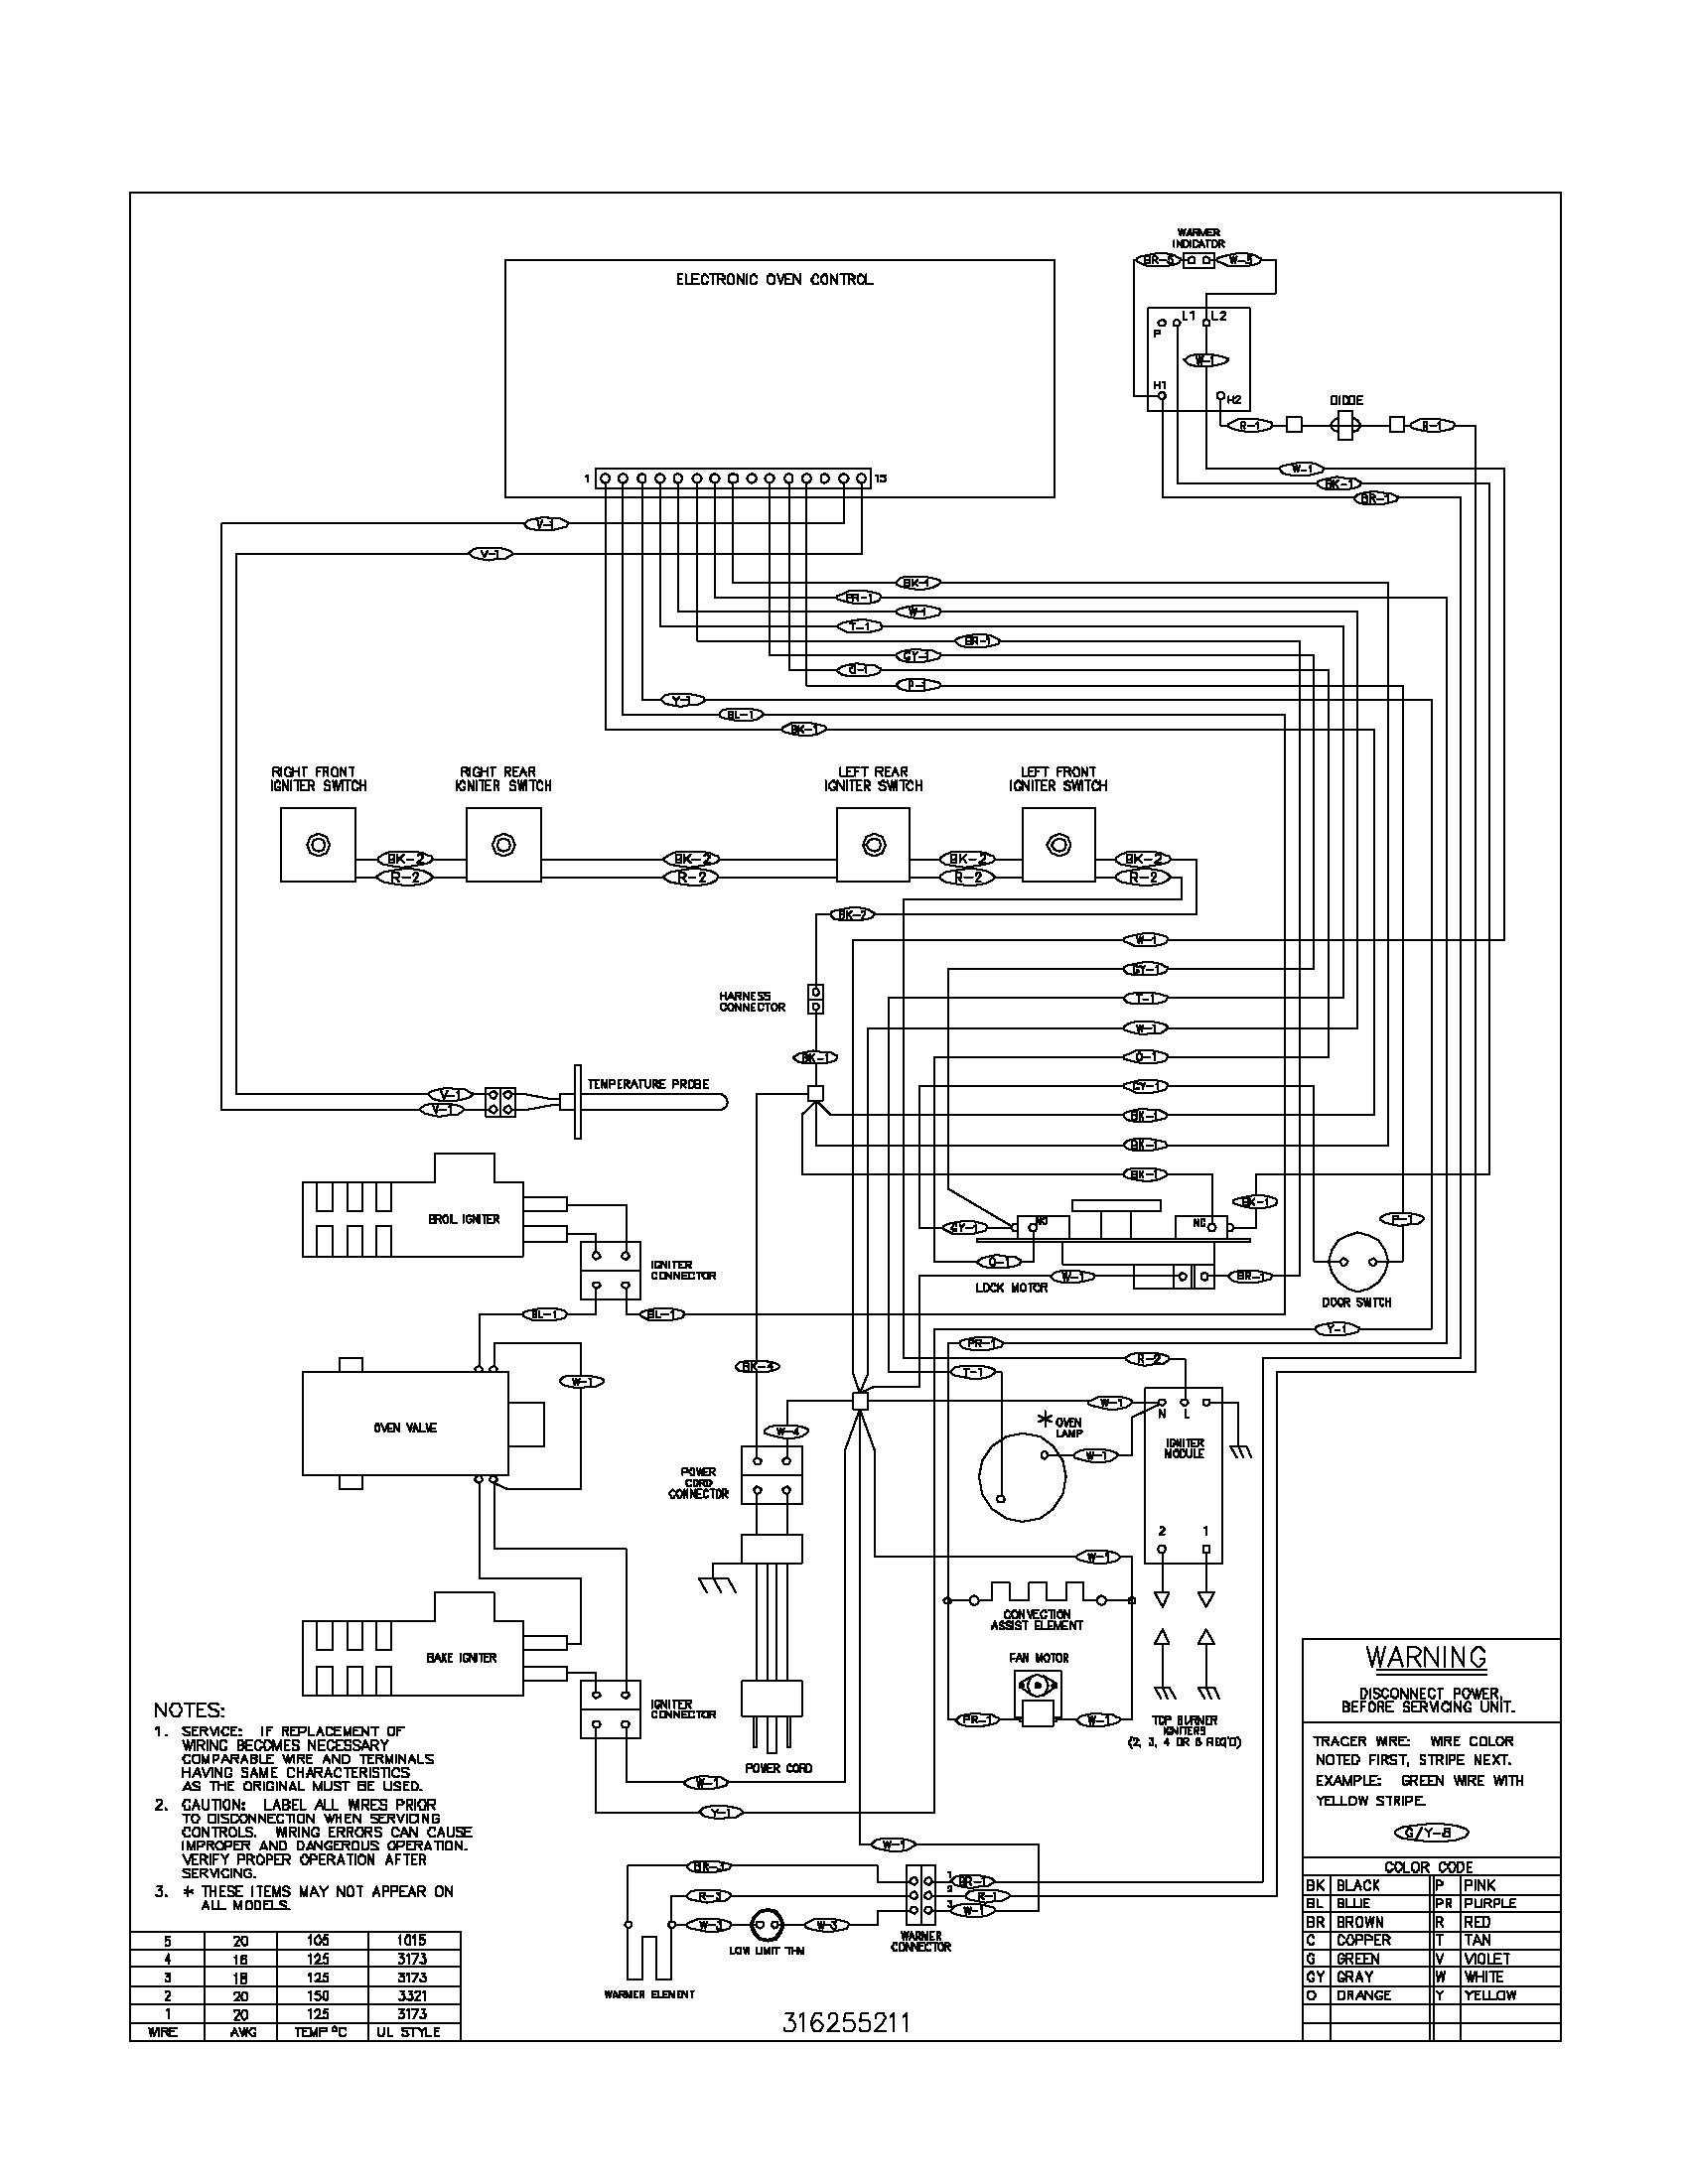 samsung dryer wiring diagram de 0926  kenmore range wiring diagram as well kenmore gas range samsung dryer wiring schematic de 0926  kenmore range wiring diagram